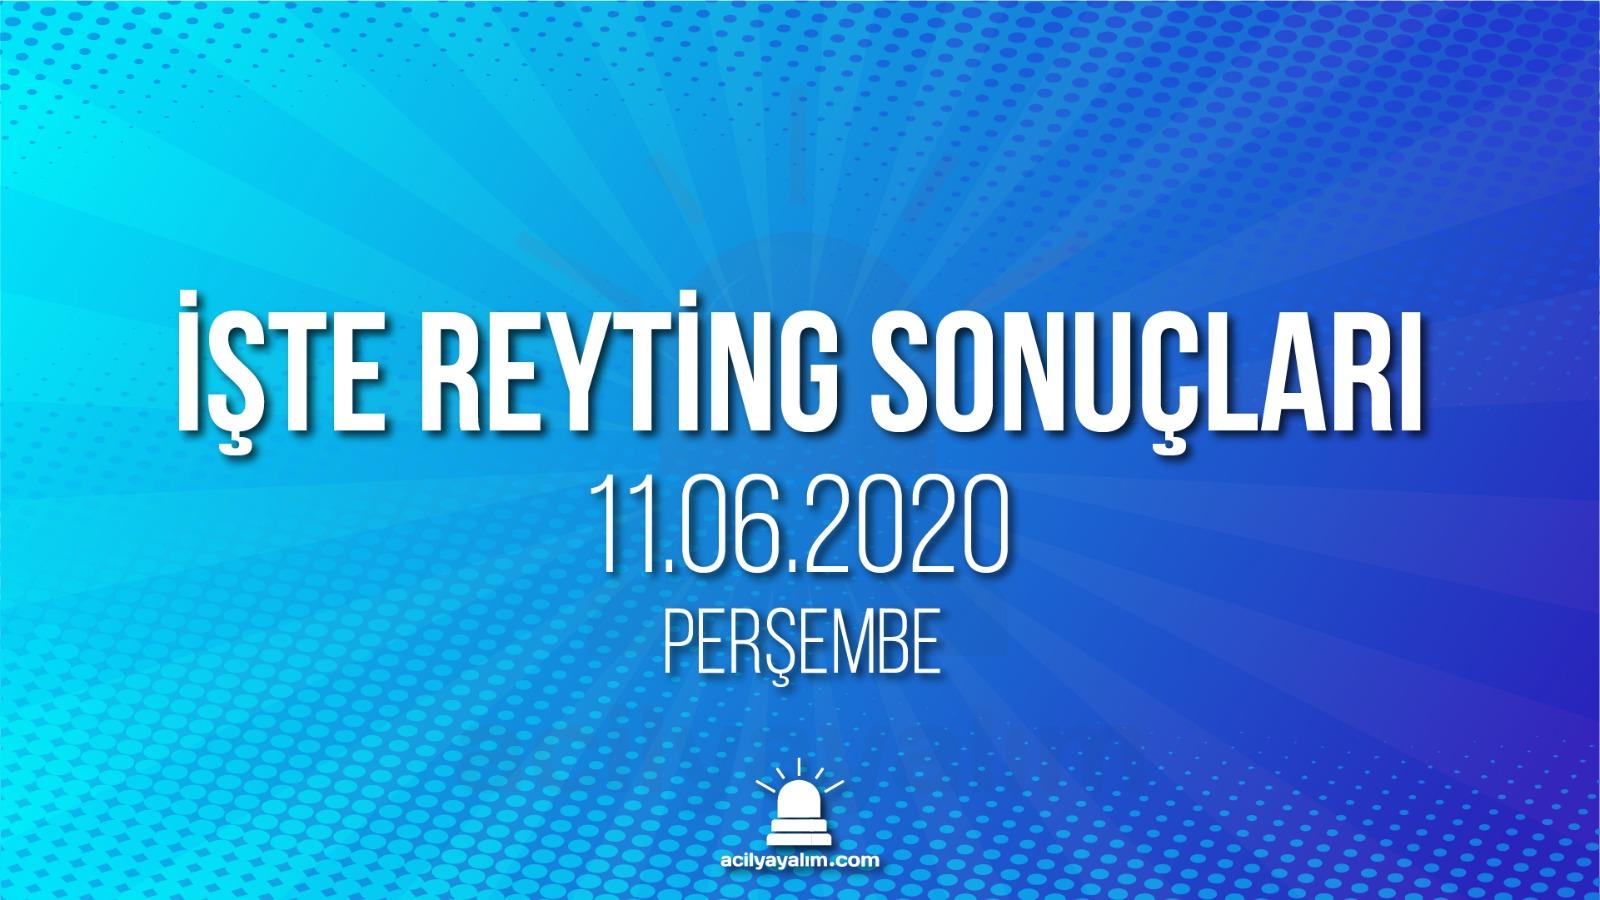 11 Haziran 2020 Perşembe reyting sonuçları